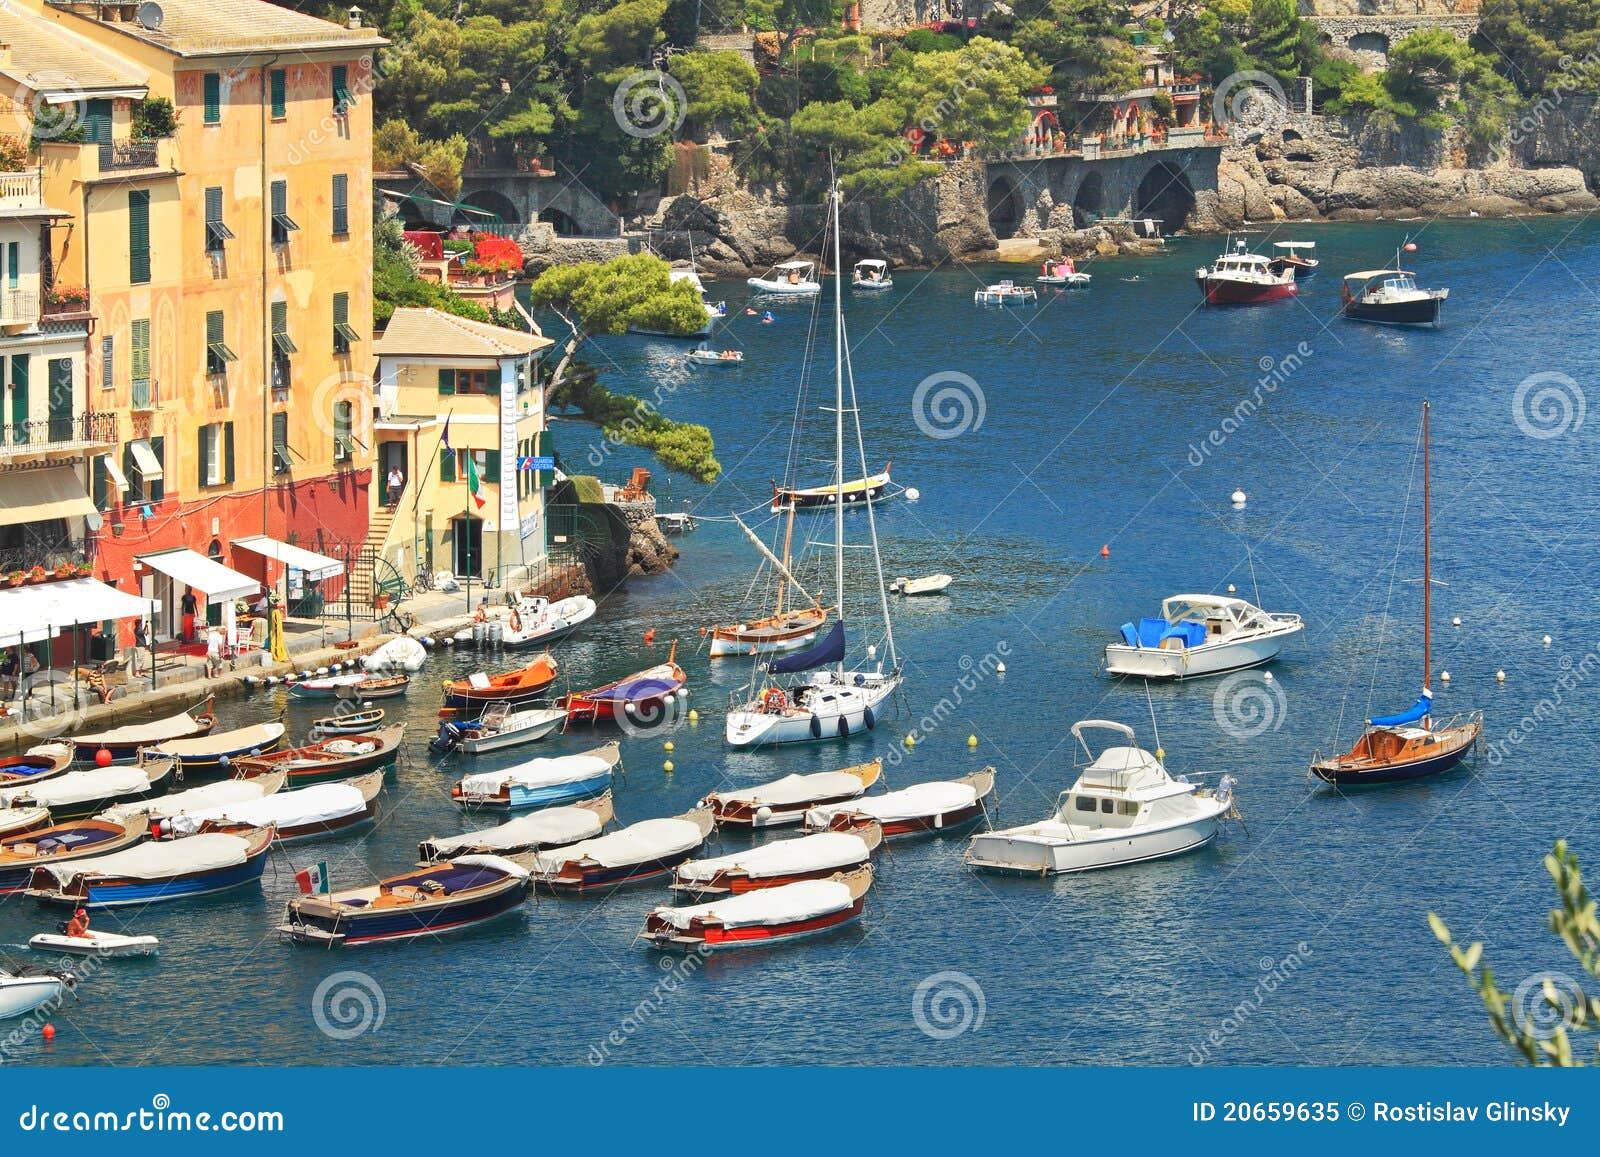 Vue aérienne sur le compartiment de Portofino.